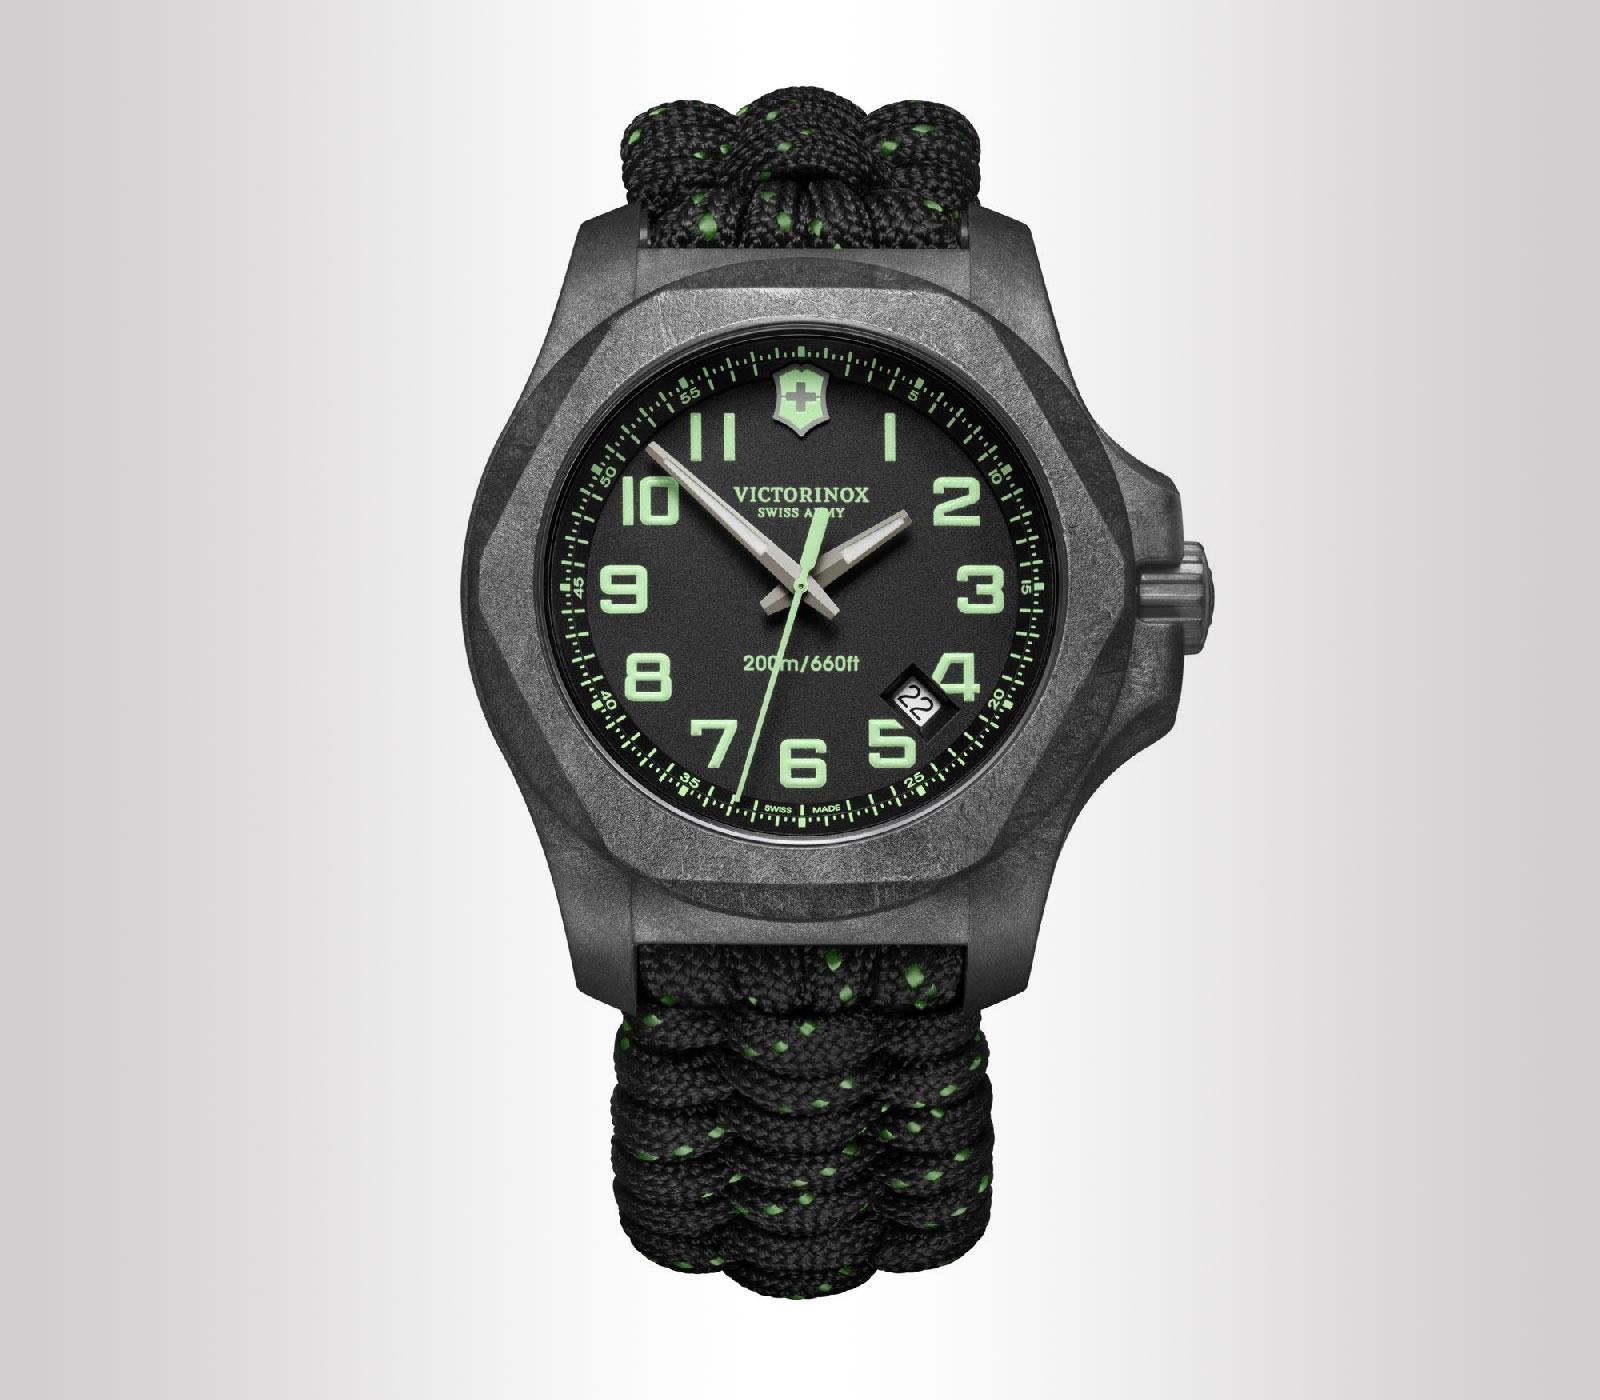 Orologio da uomo I.N.O.X. Carbon Nero con cinturino in paracord, finiture verdi